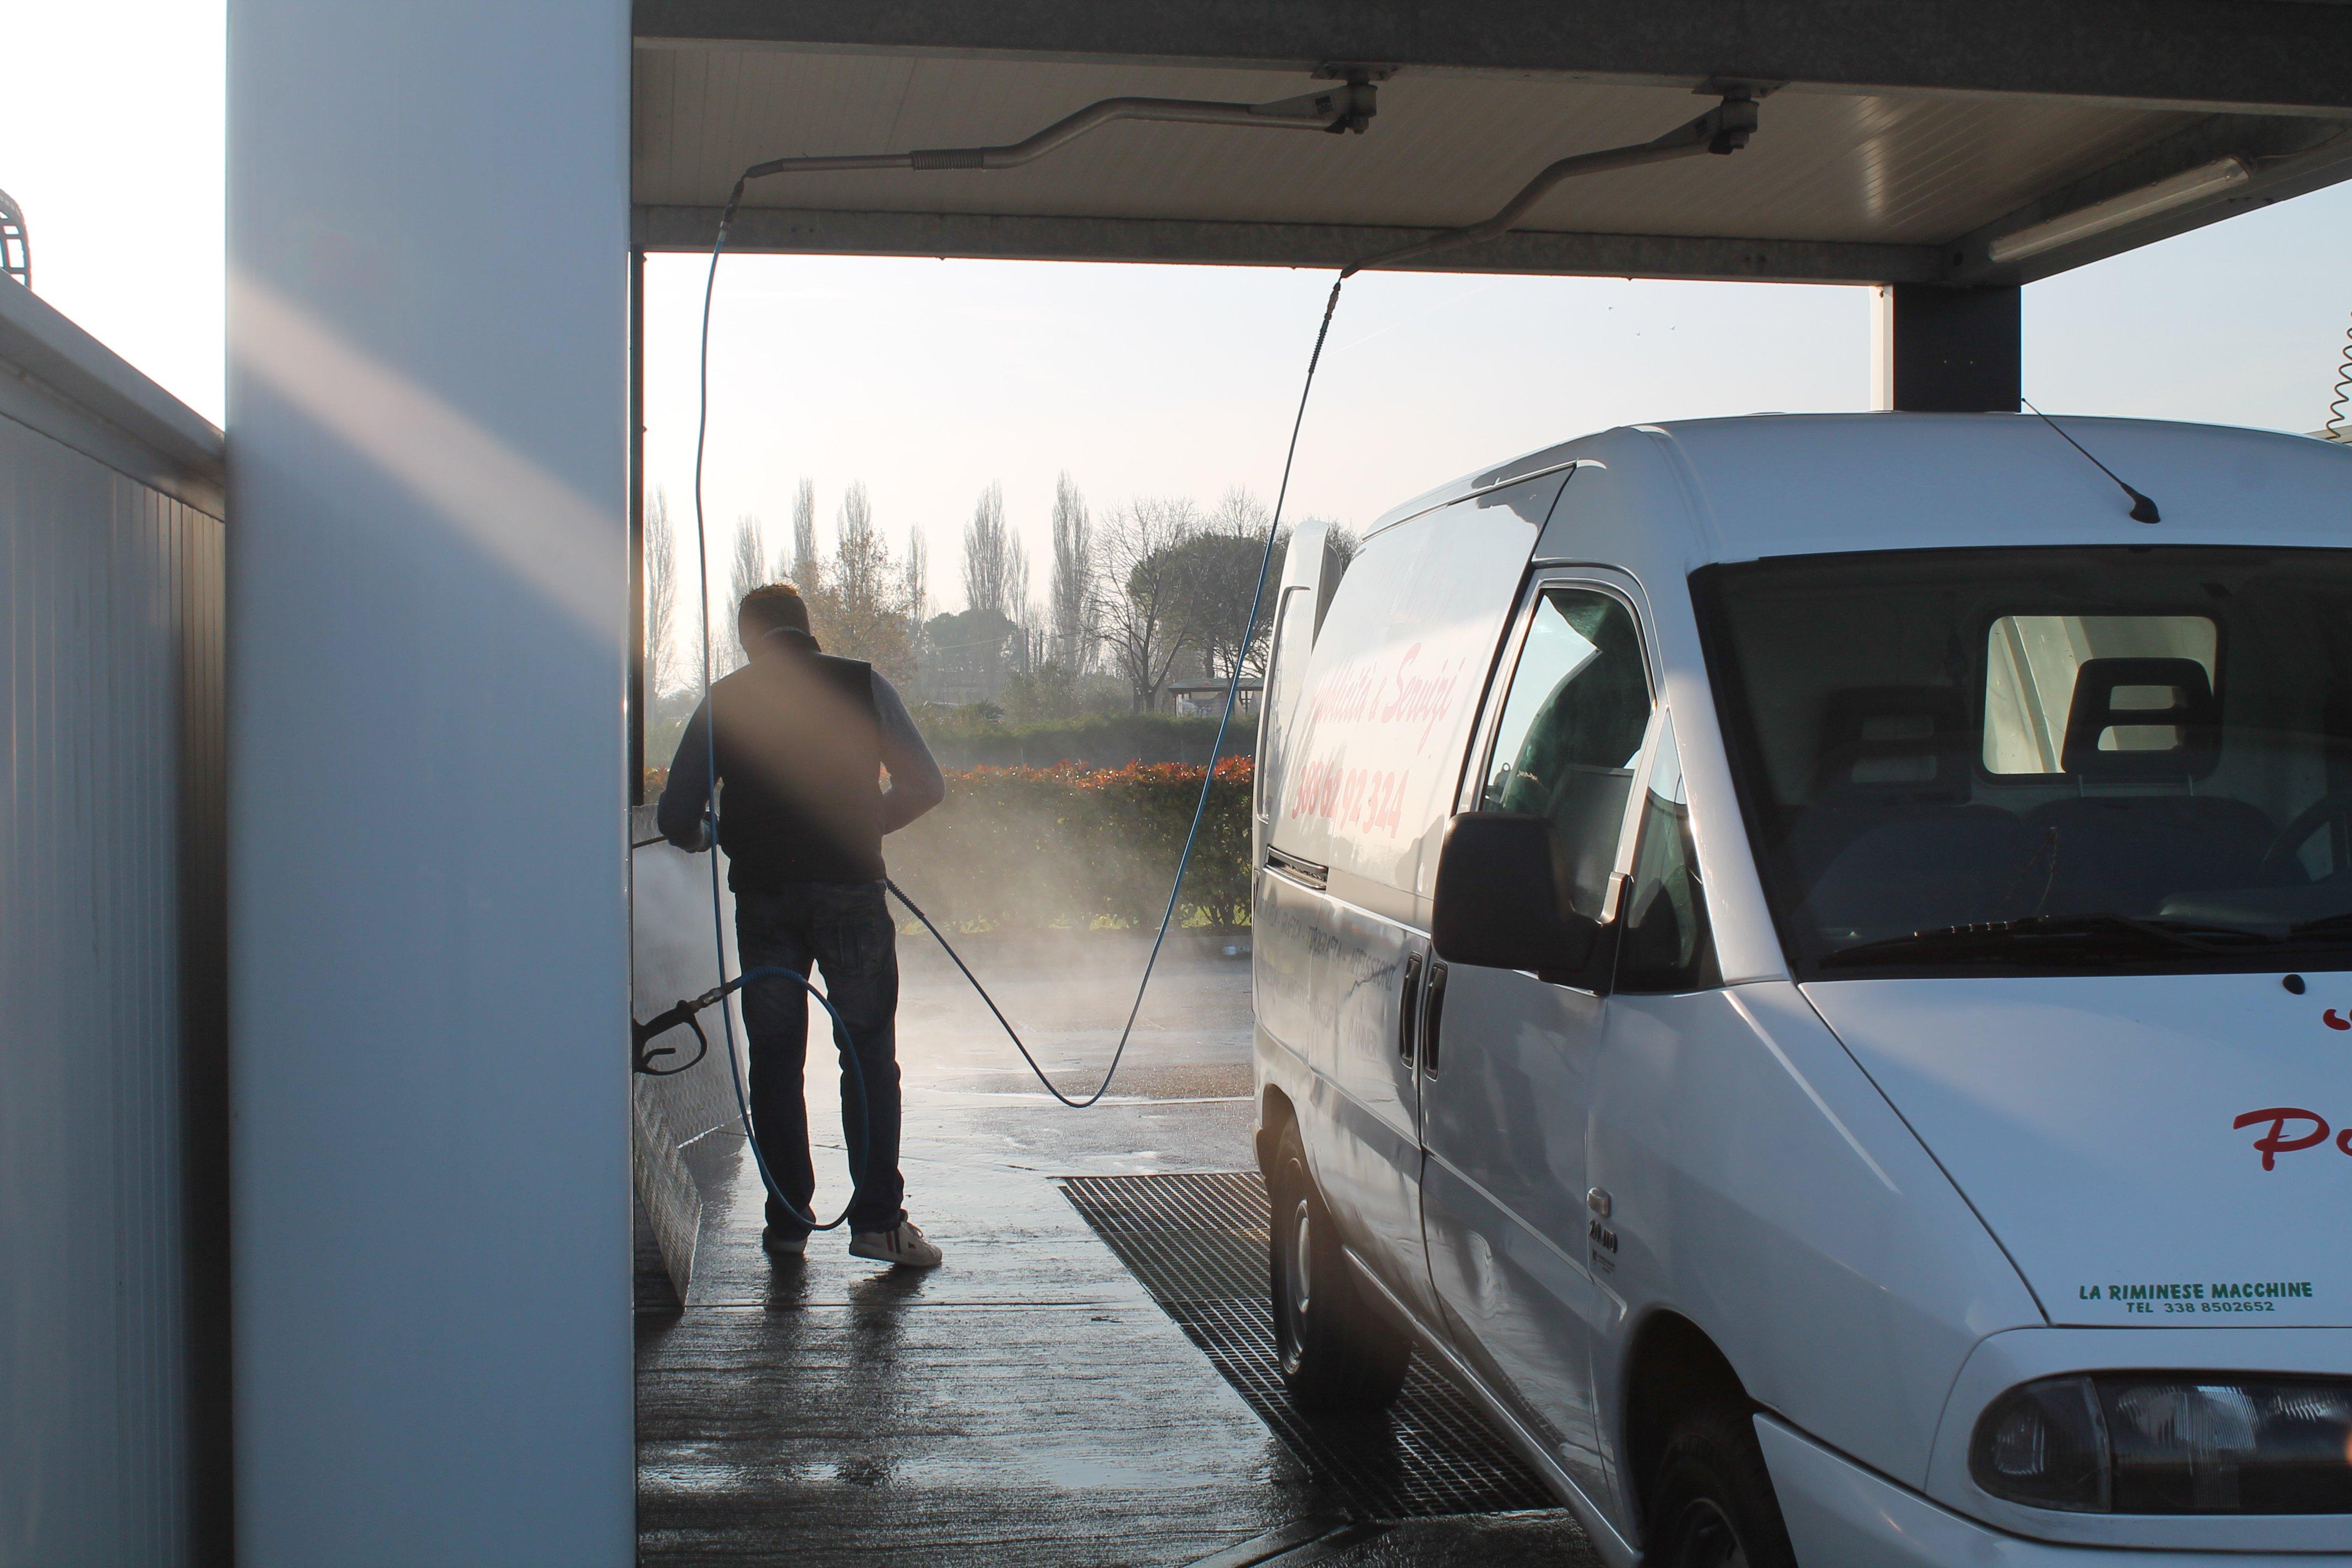 Un furgoncino bianco e una persona che lo lava